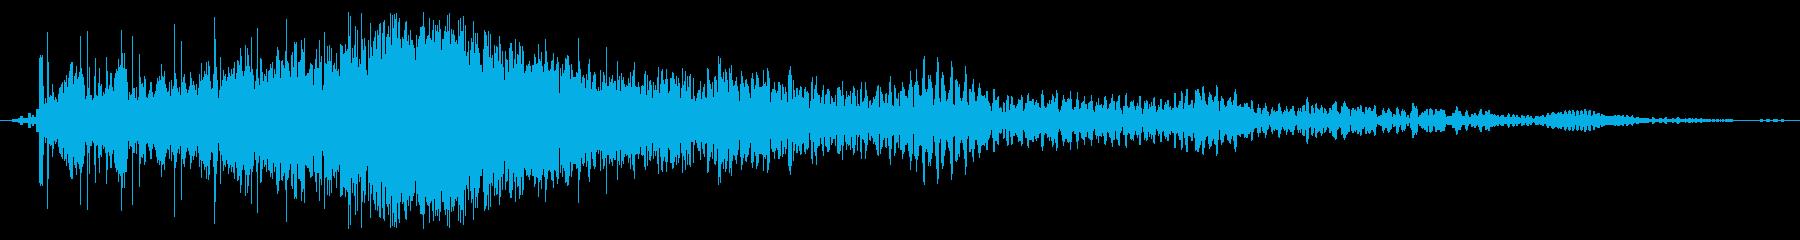 トーンシンセパワーバーストの再生済みの波形